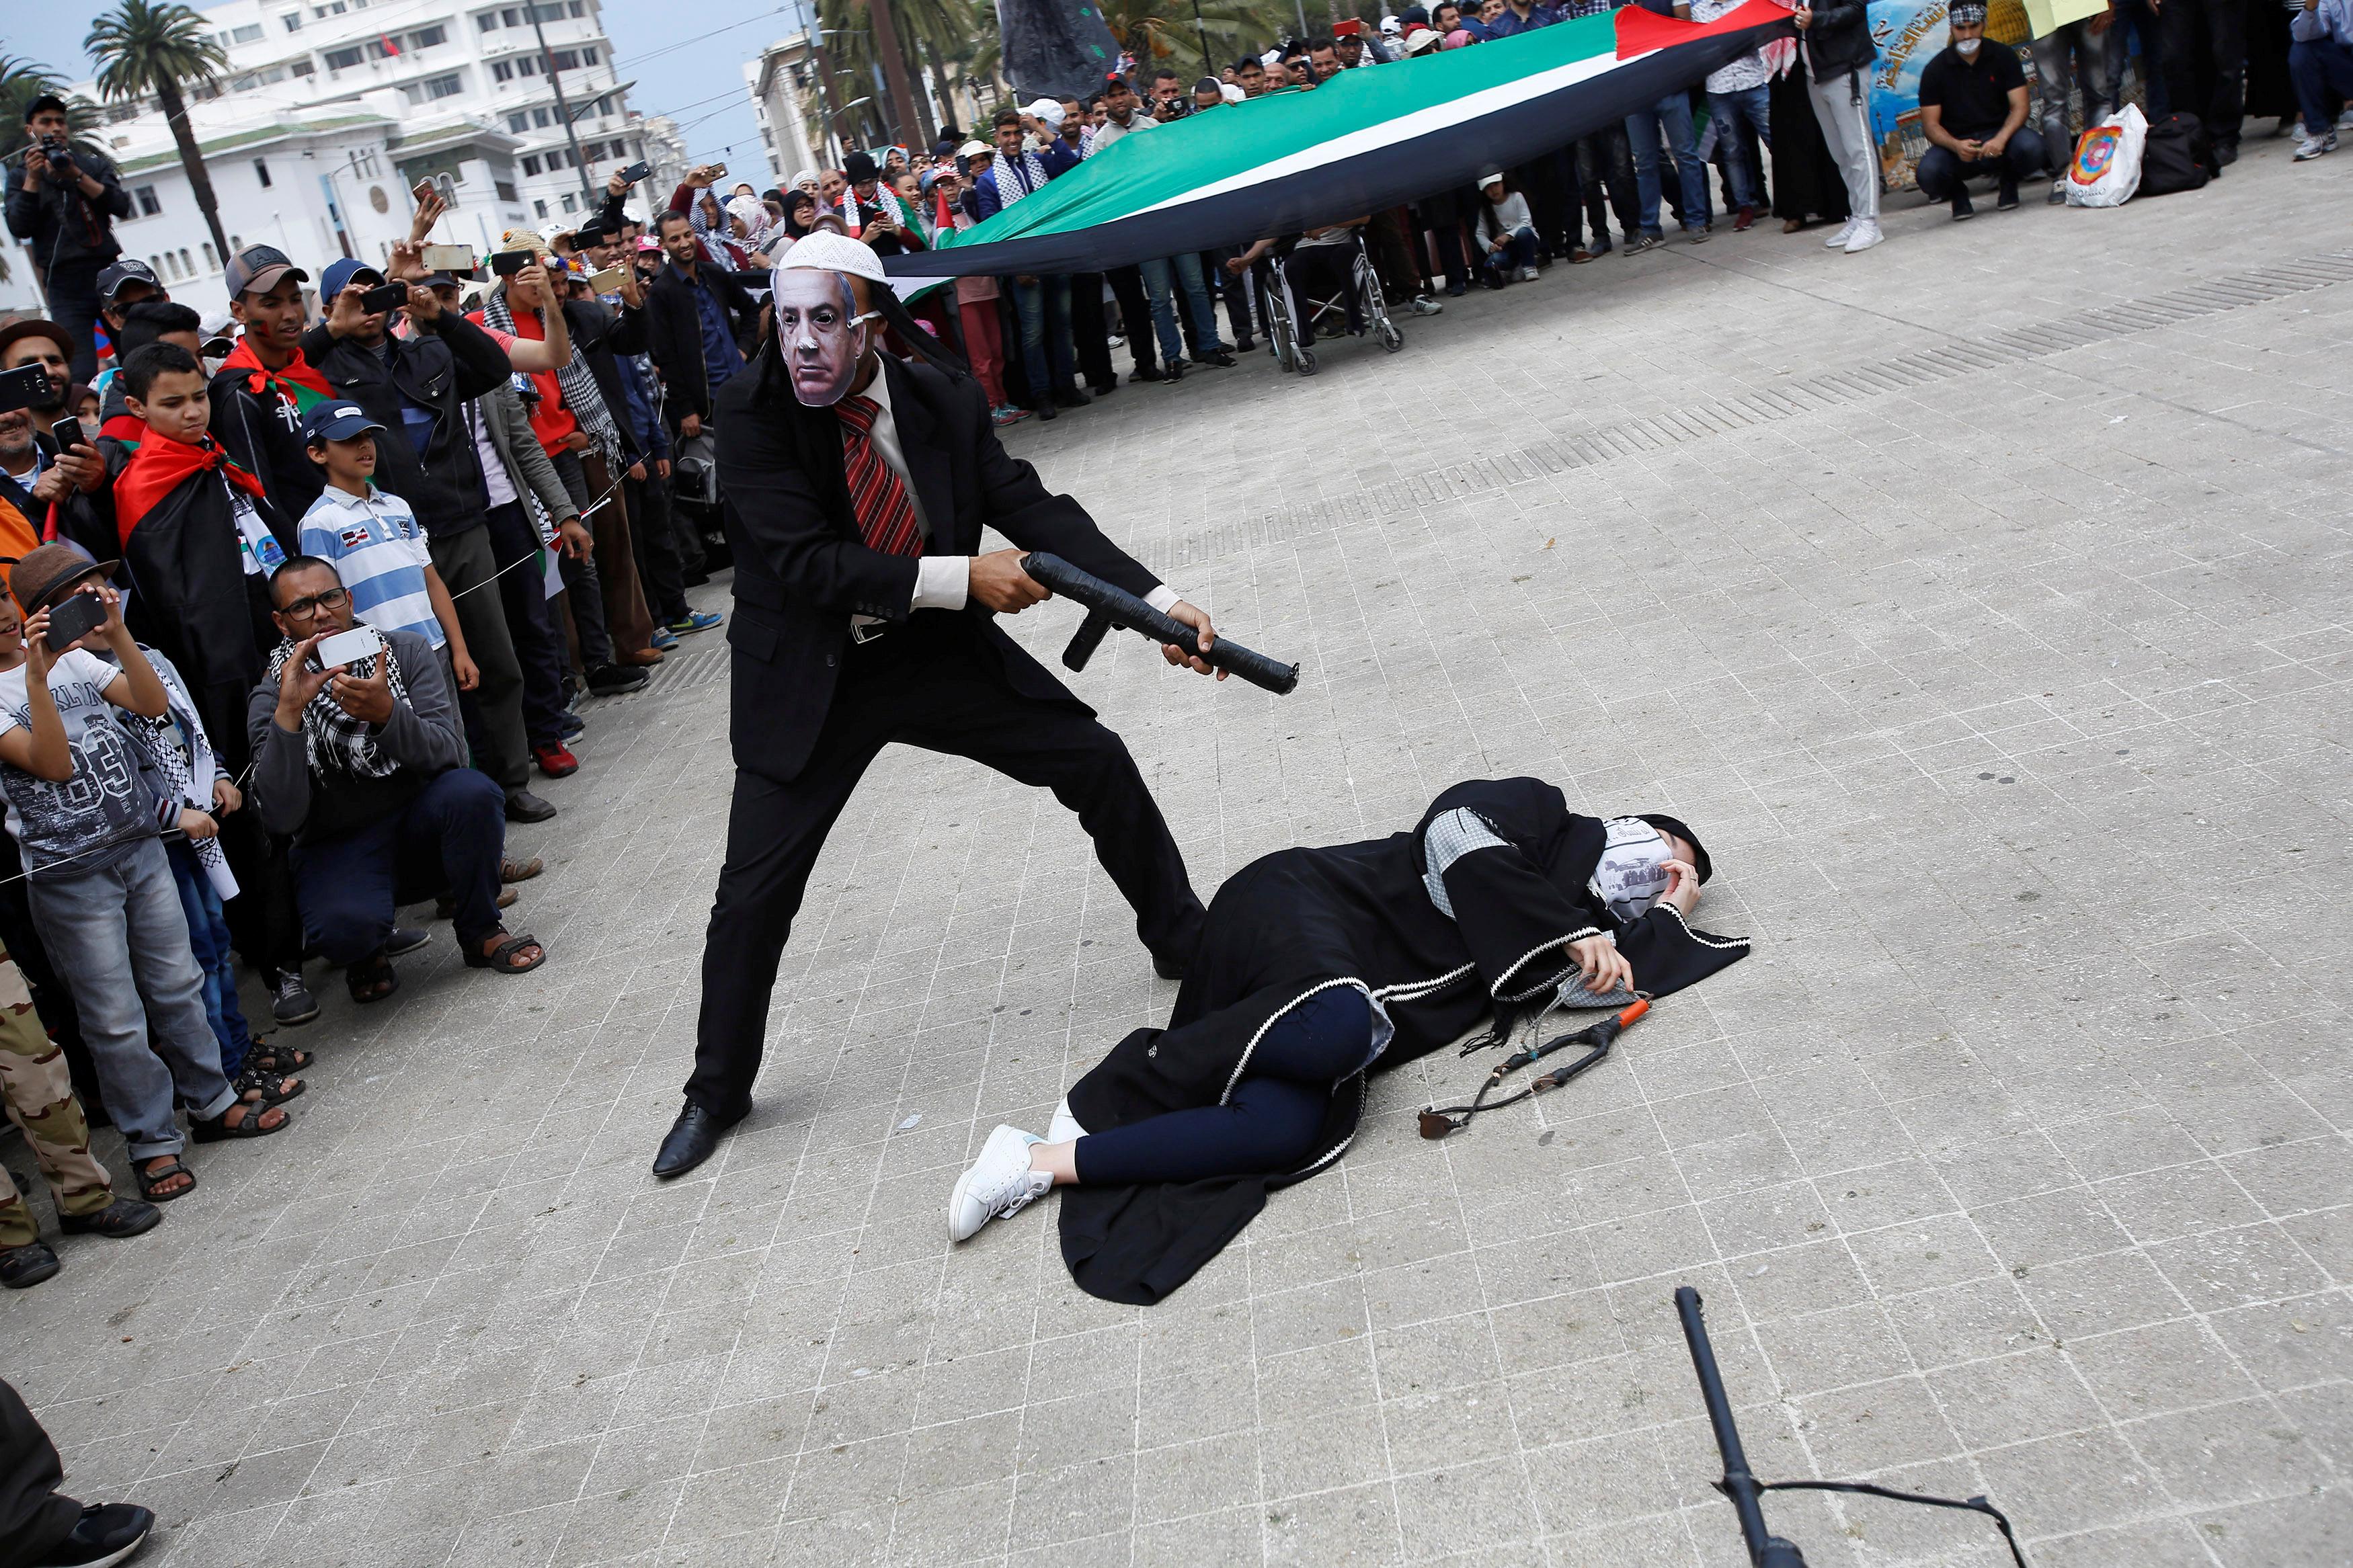 فعاليات أمام السفارة الأمريكية بالمغرب